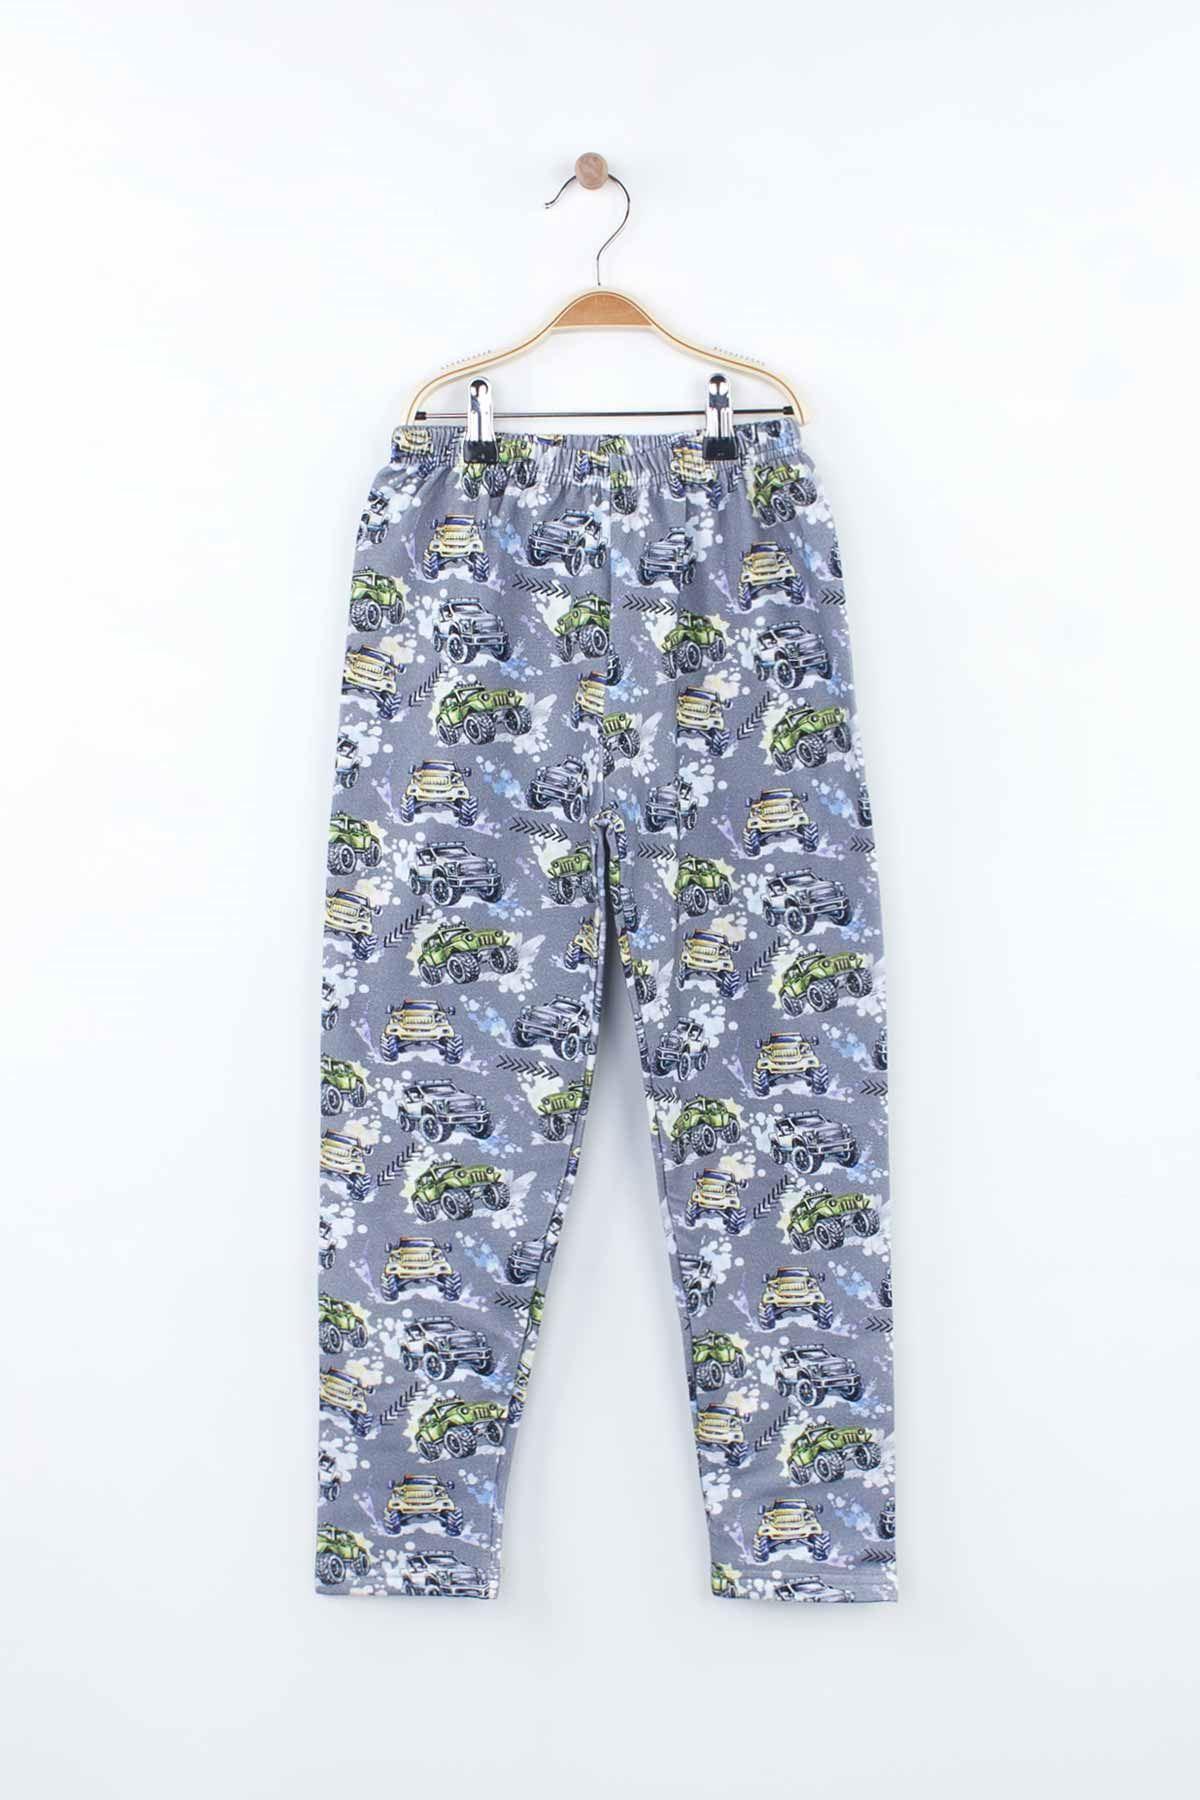 Siyah Erkek Çocuk Pijama Takımı